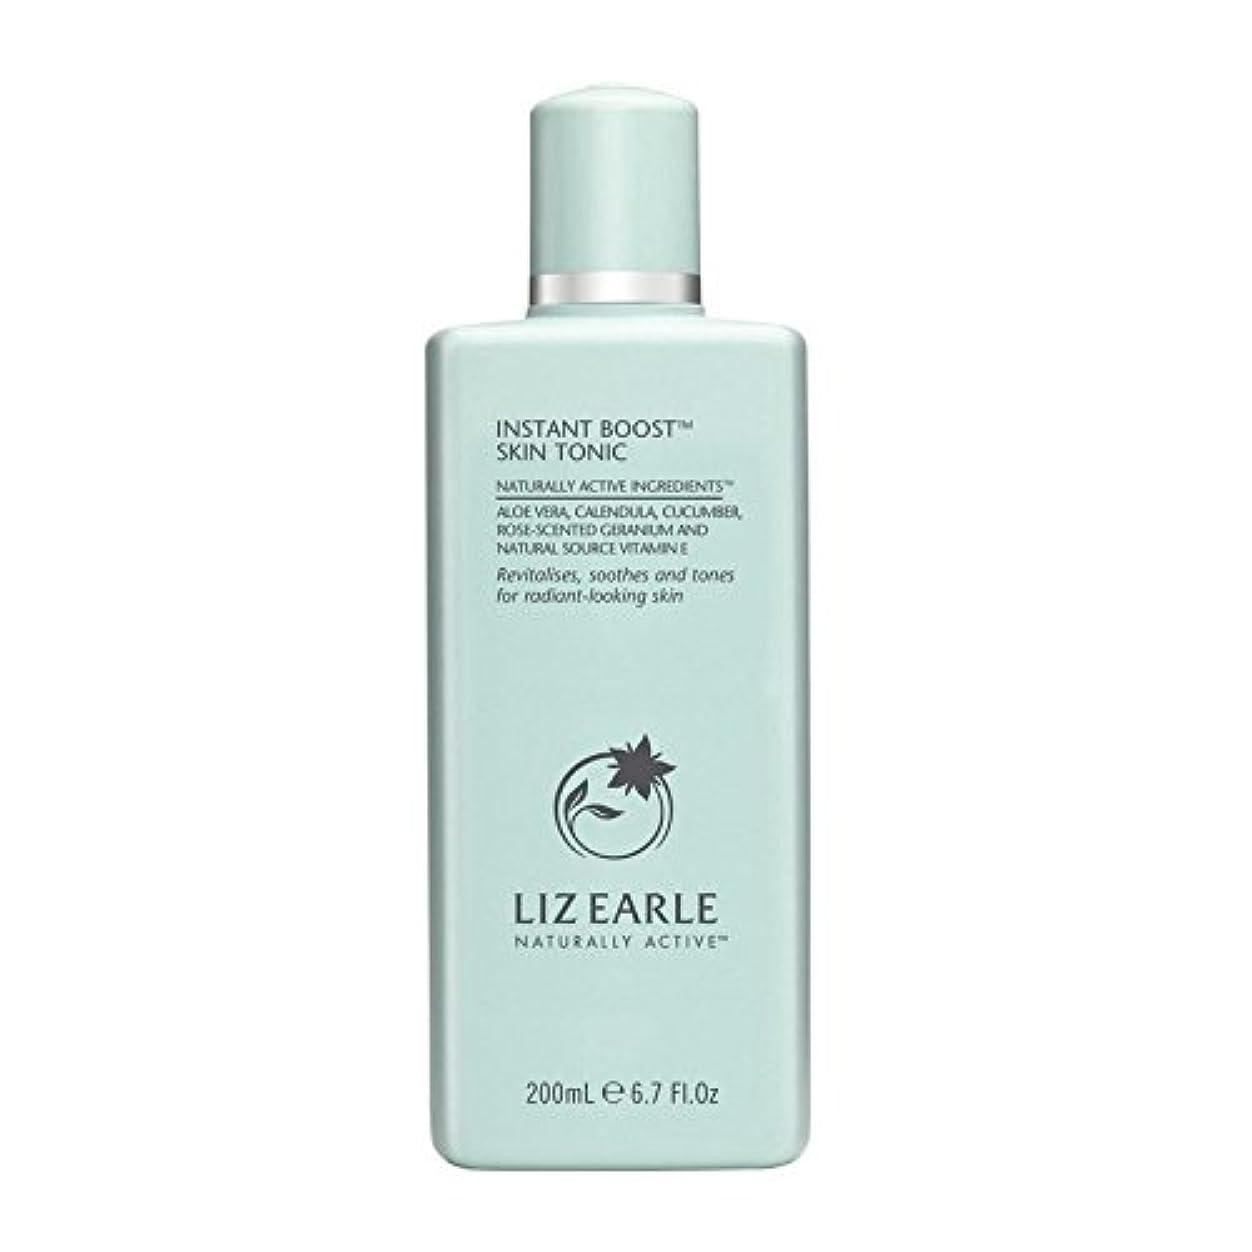 勇気たるみ機械Liz Earle Instant Boost Skin Tonic Bottle 200ml (Pack of 6) - リズアールインスタントブーストスキントニックボトル200ミリリットル x6 [並行輸入品]